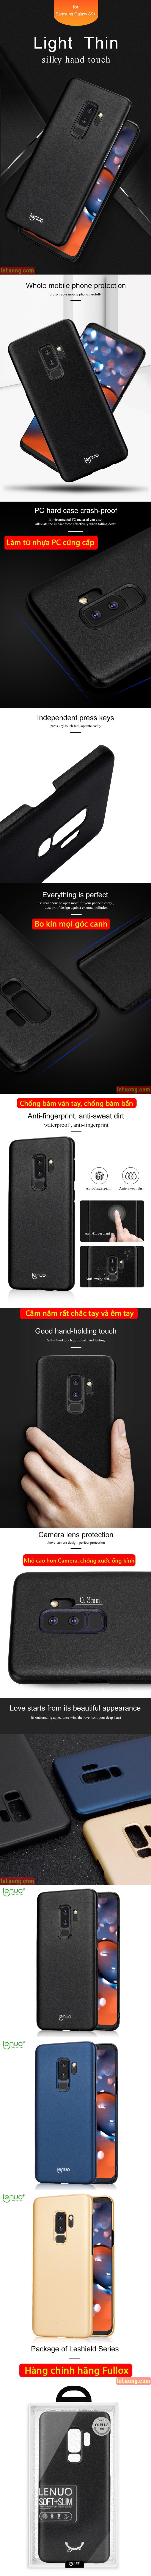 Ốp lưng Galaxy S9 Plus Lenuo Leshield Case siêu mỏng lưng mịn 3